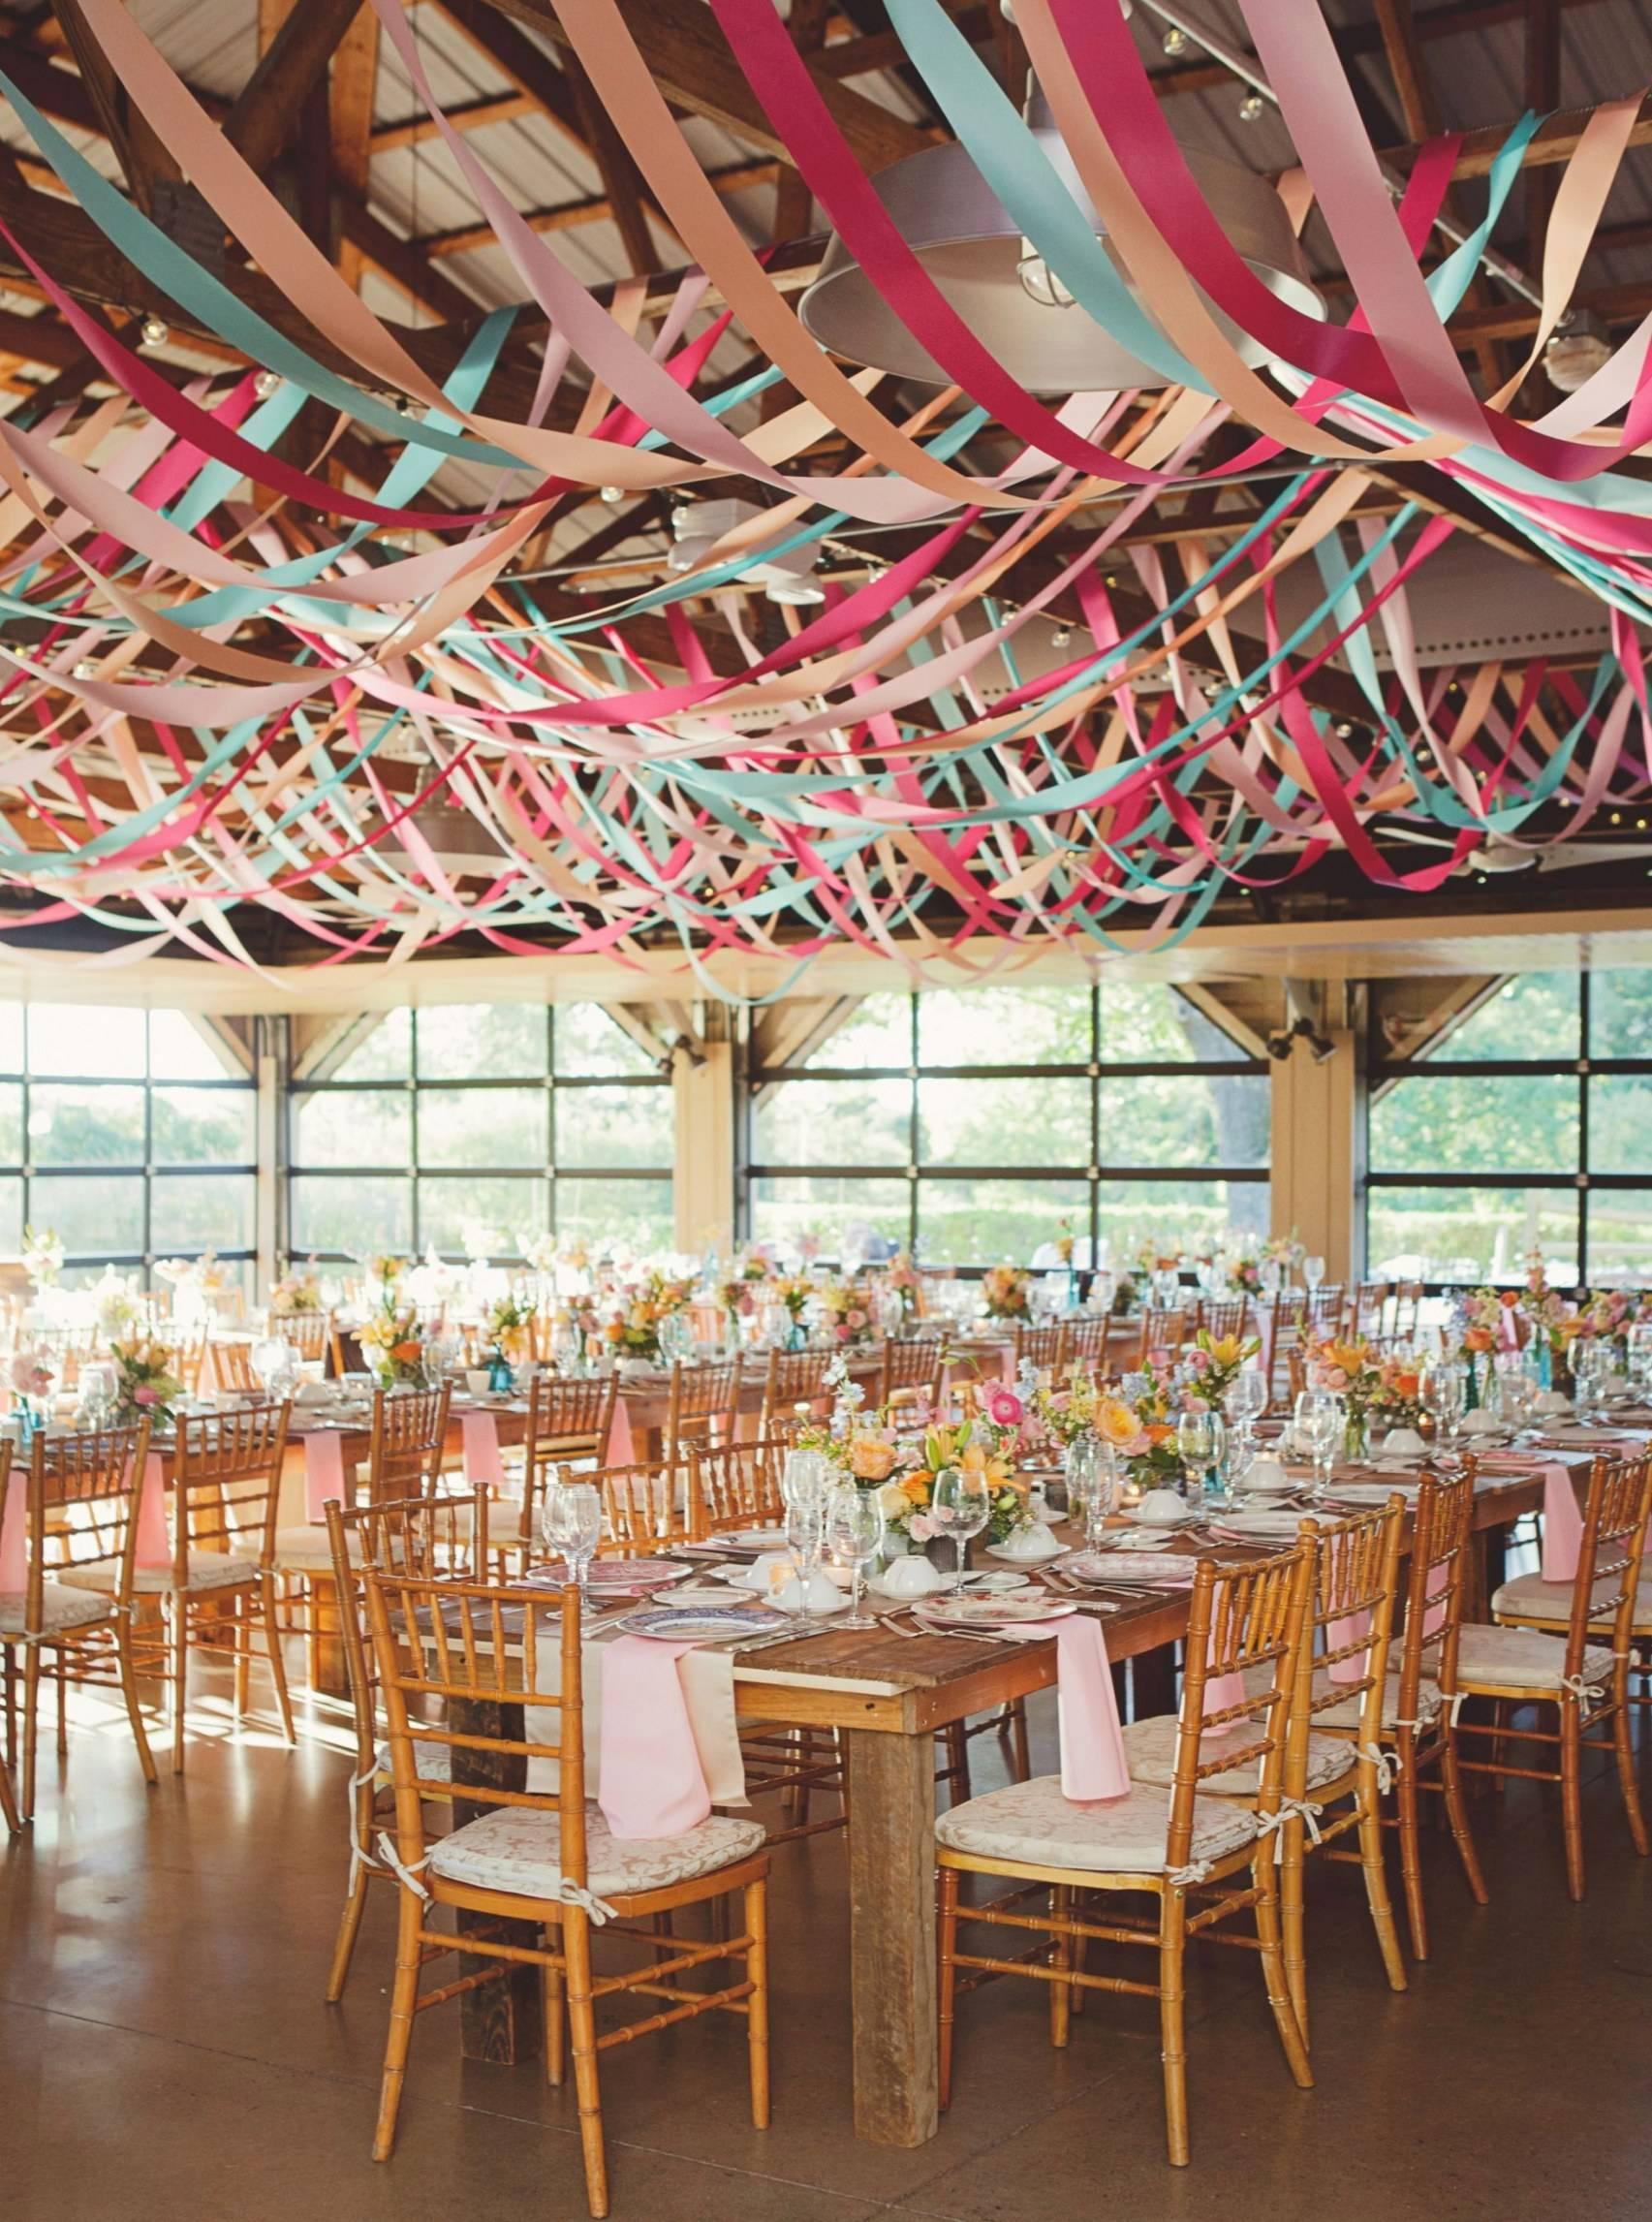 tropical bedroom ideas easy wedding decorations new i pinimg originals 0d 55 ee of tropical bedroom ideas